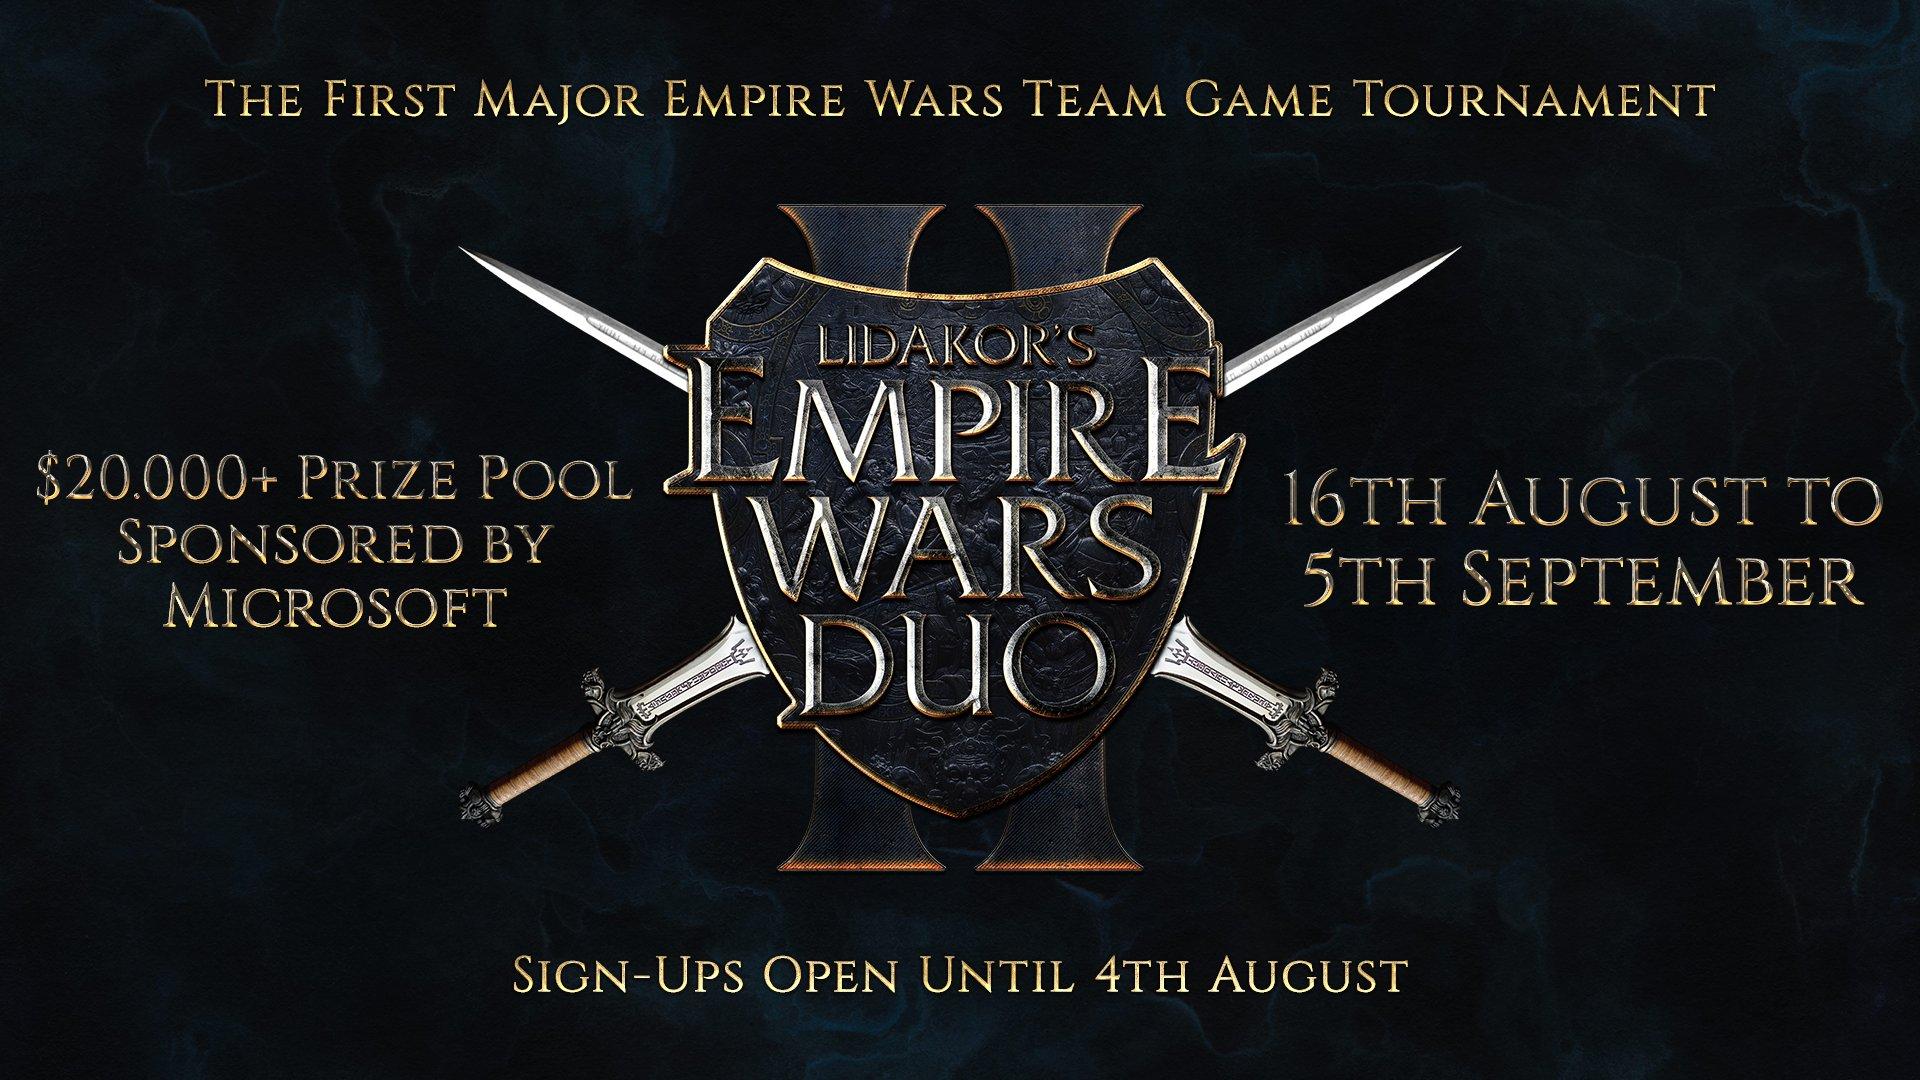 Empire Wars 2